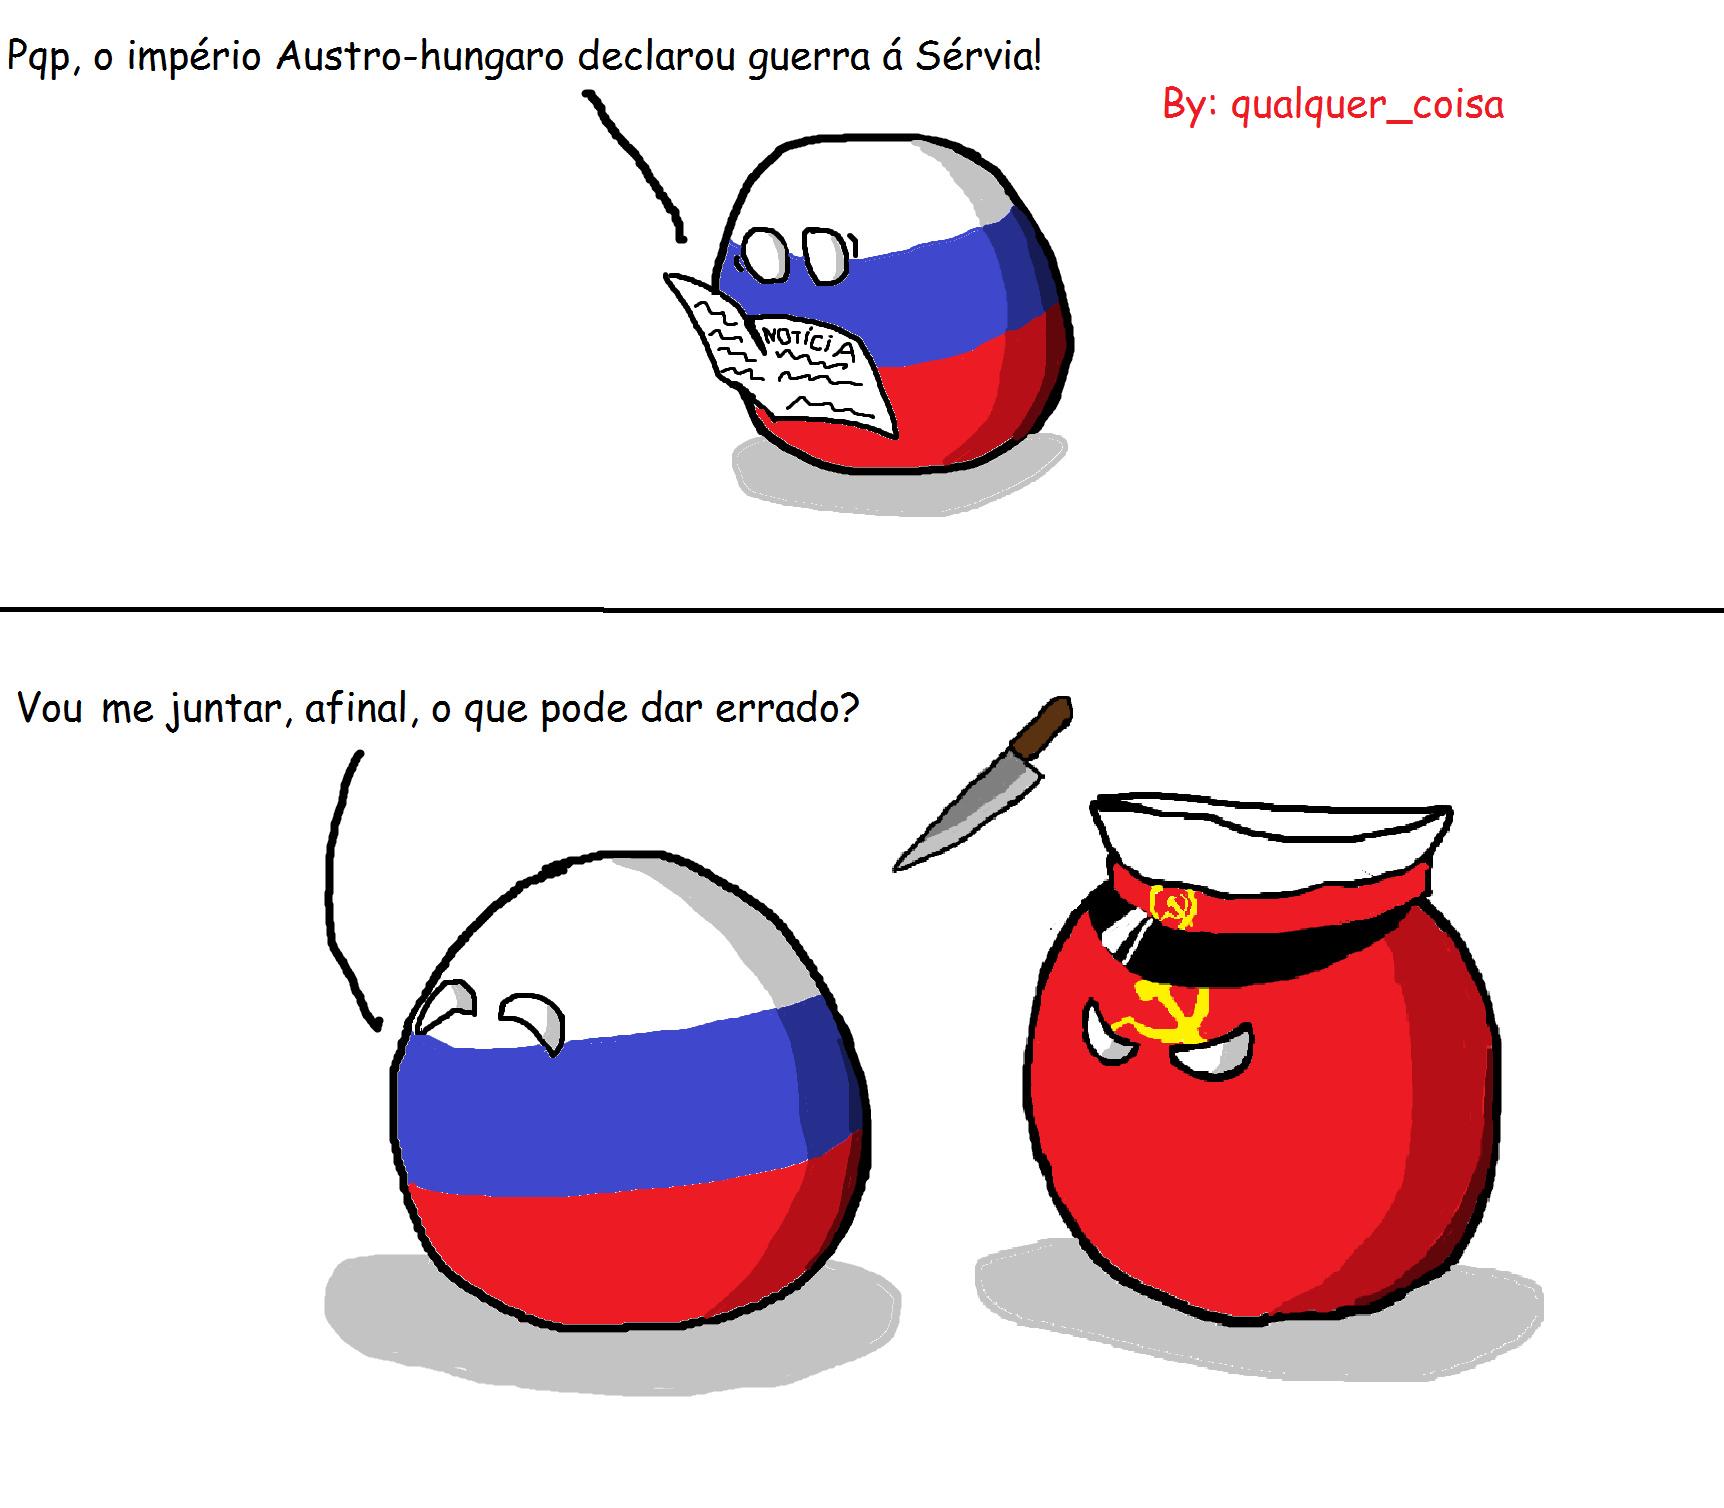 nada melhor que o mundo vermelho - meme